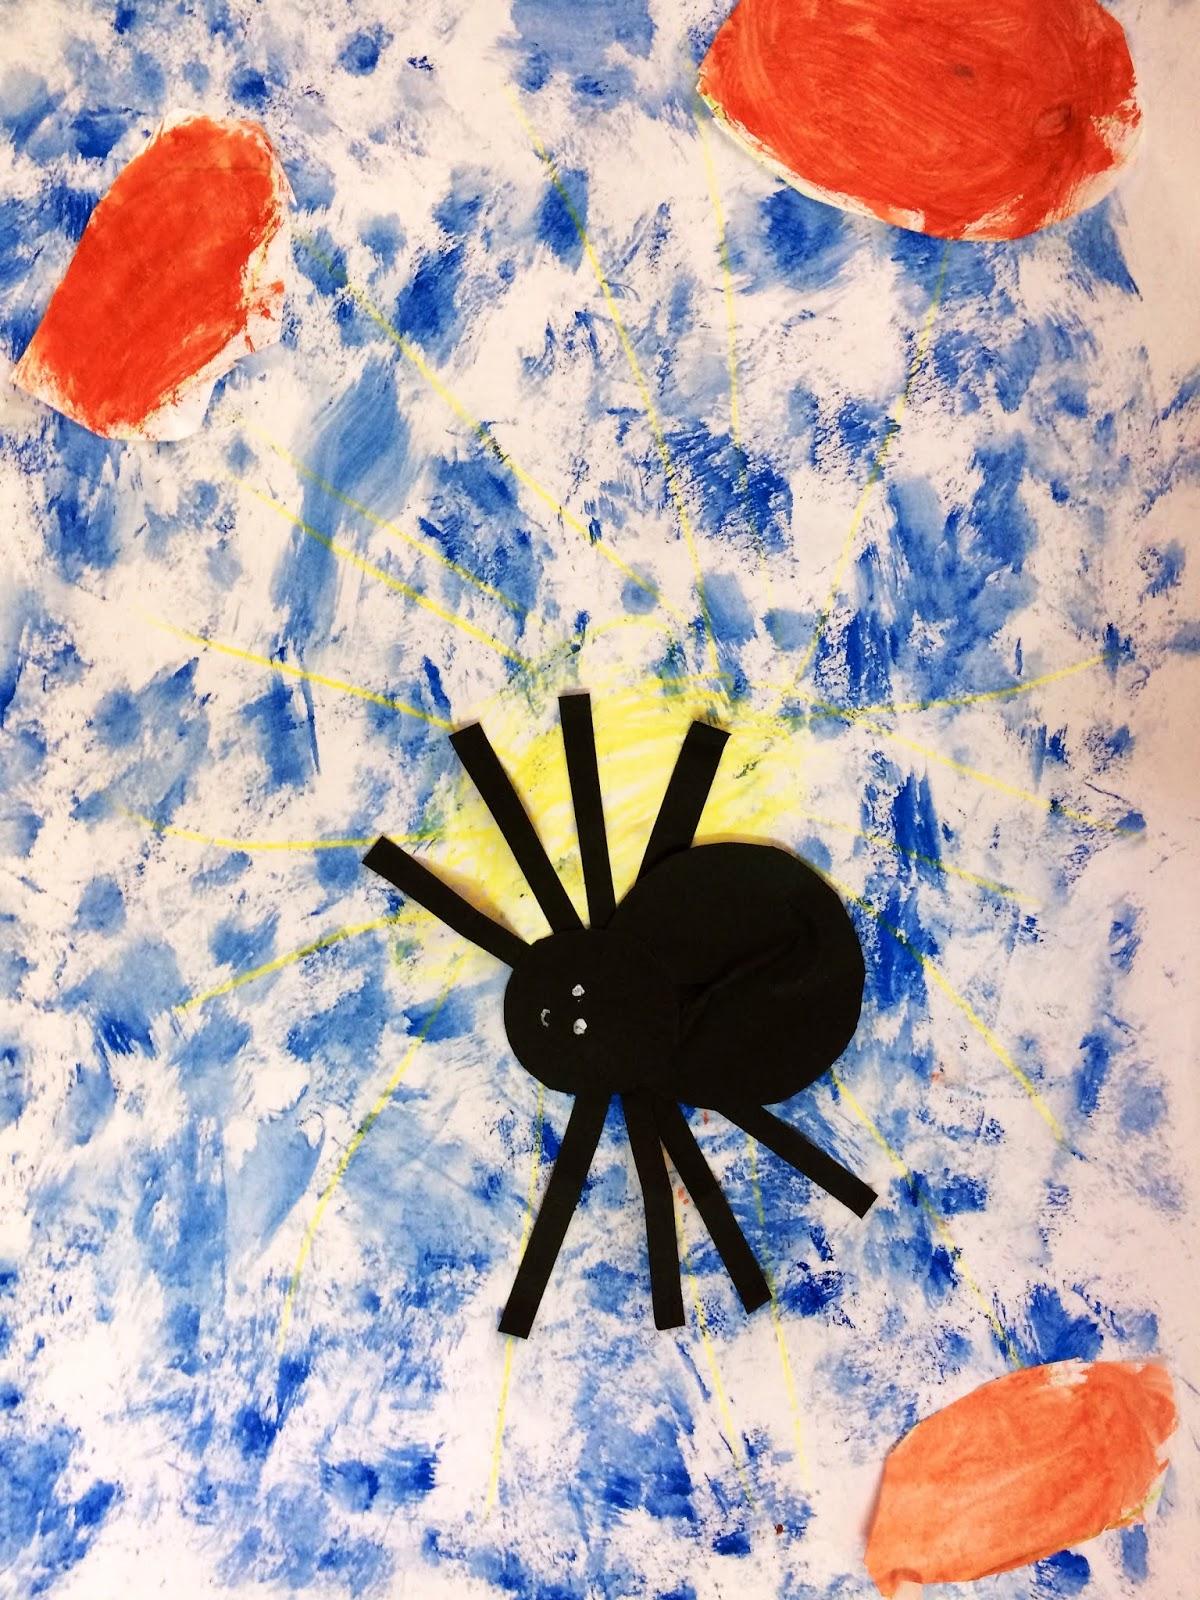 Păianjenul și pânza